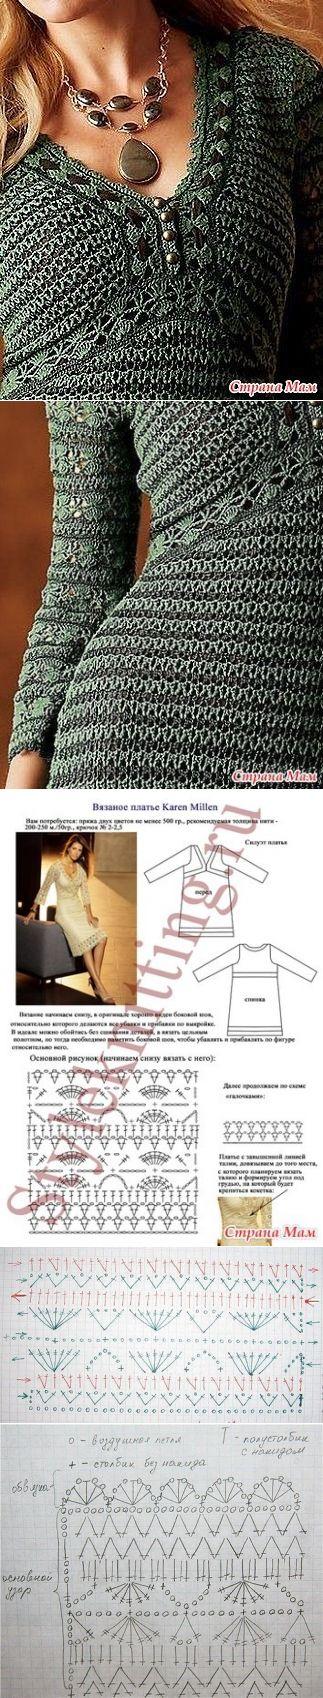 2151 best Kleding images on Pinterest | Sewing patterns, Modeling ...